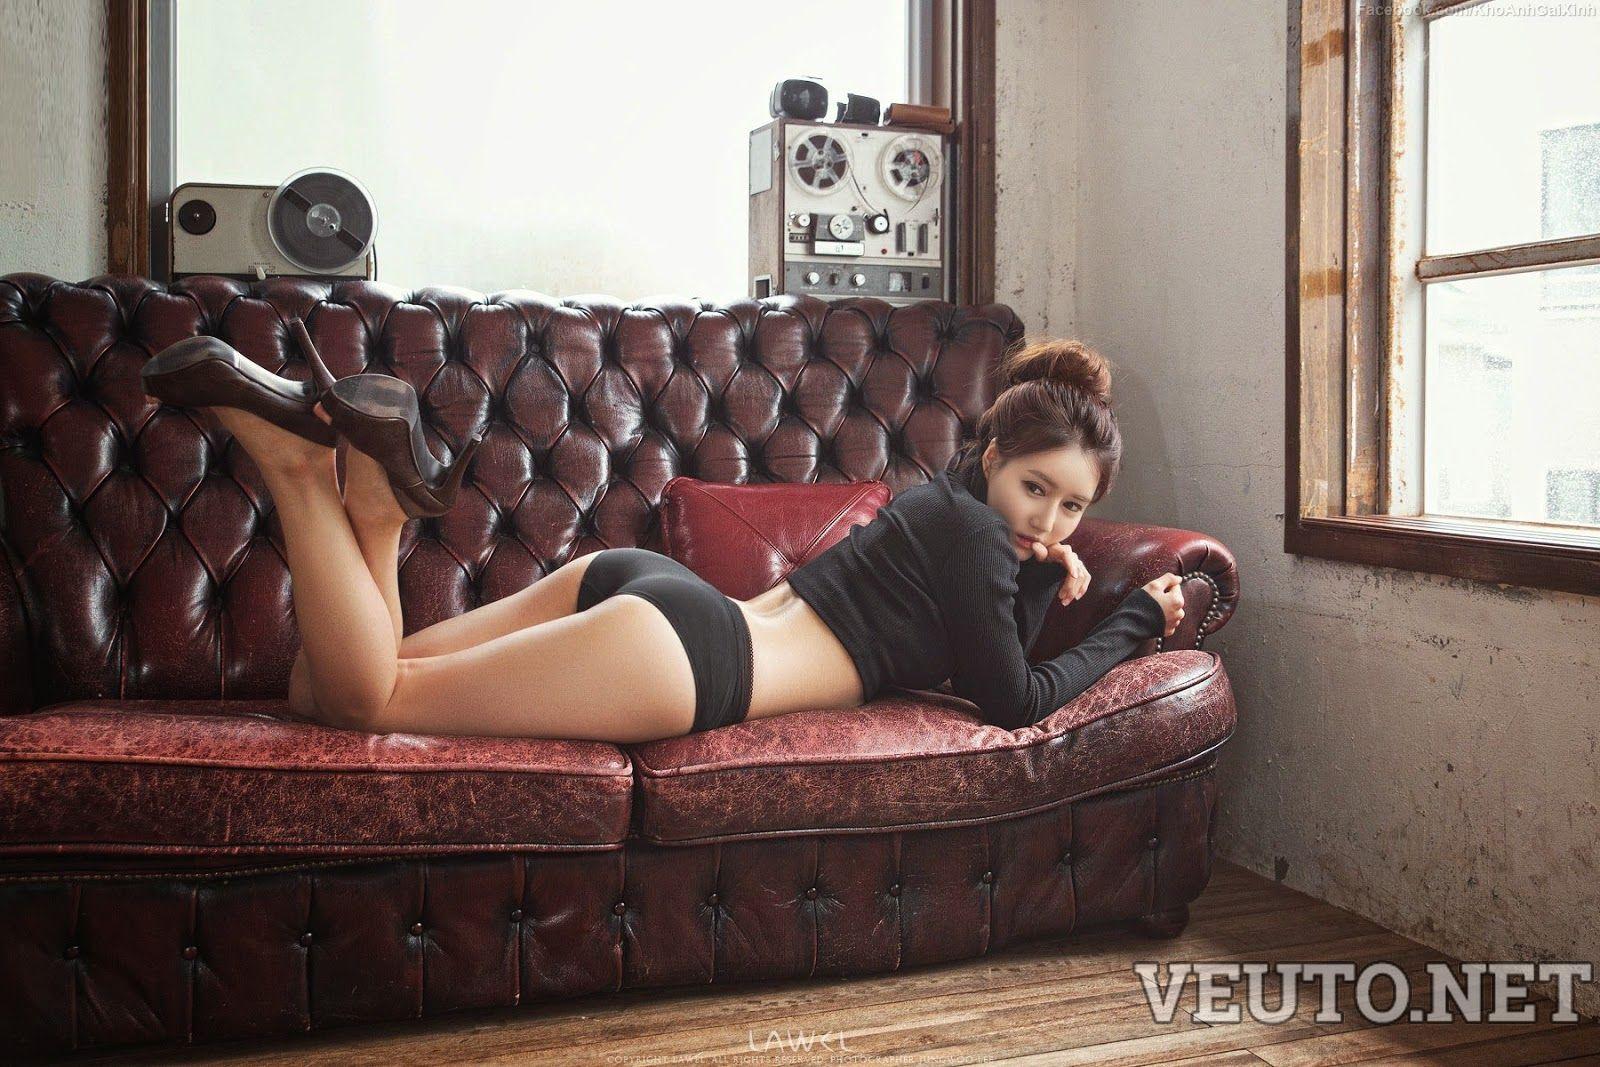 Model girl Korean cute